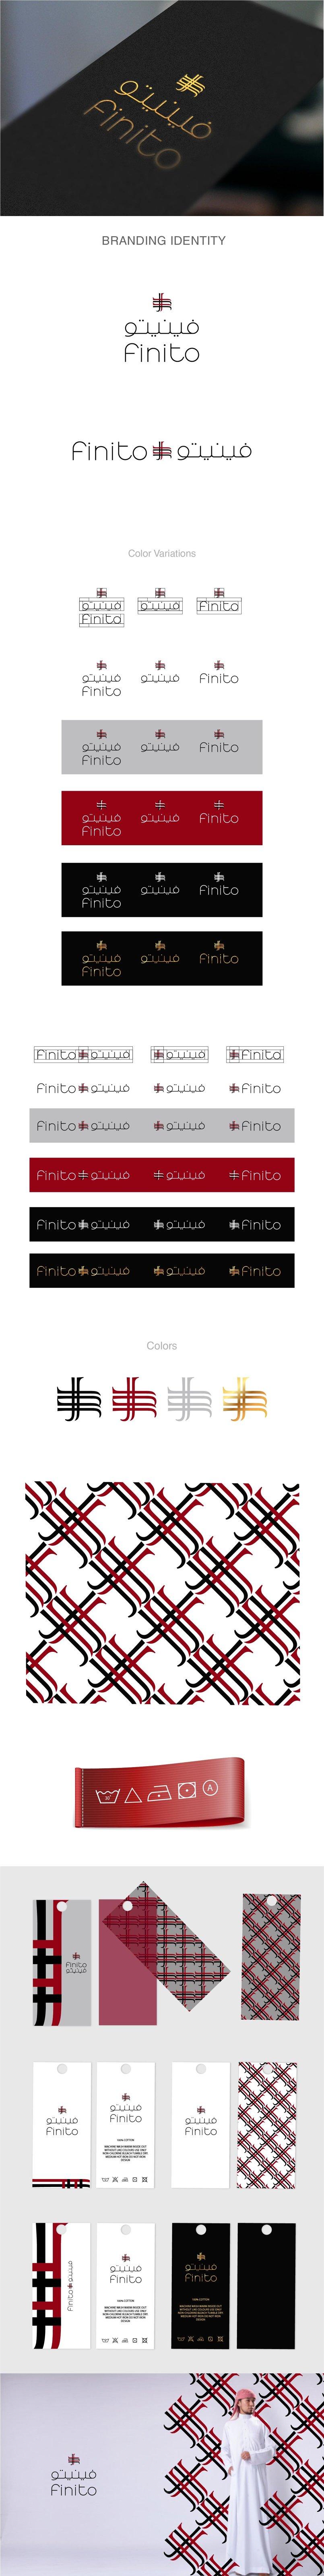 Finito I Branding